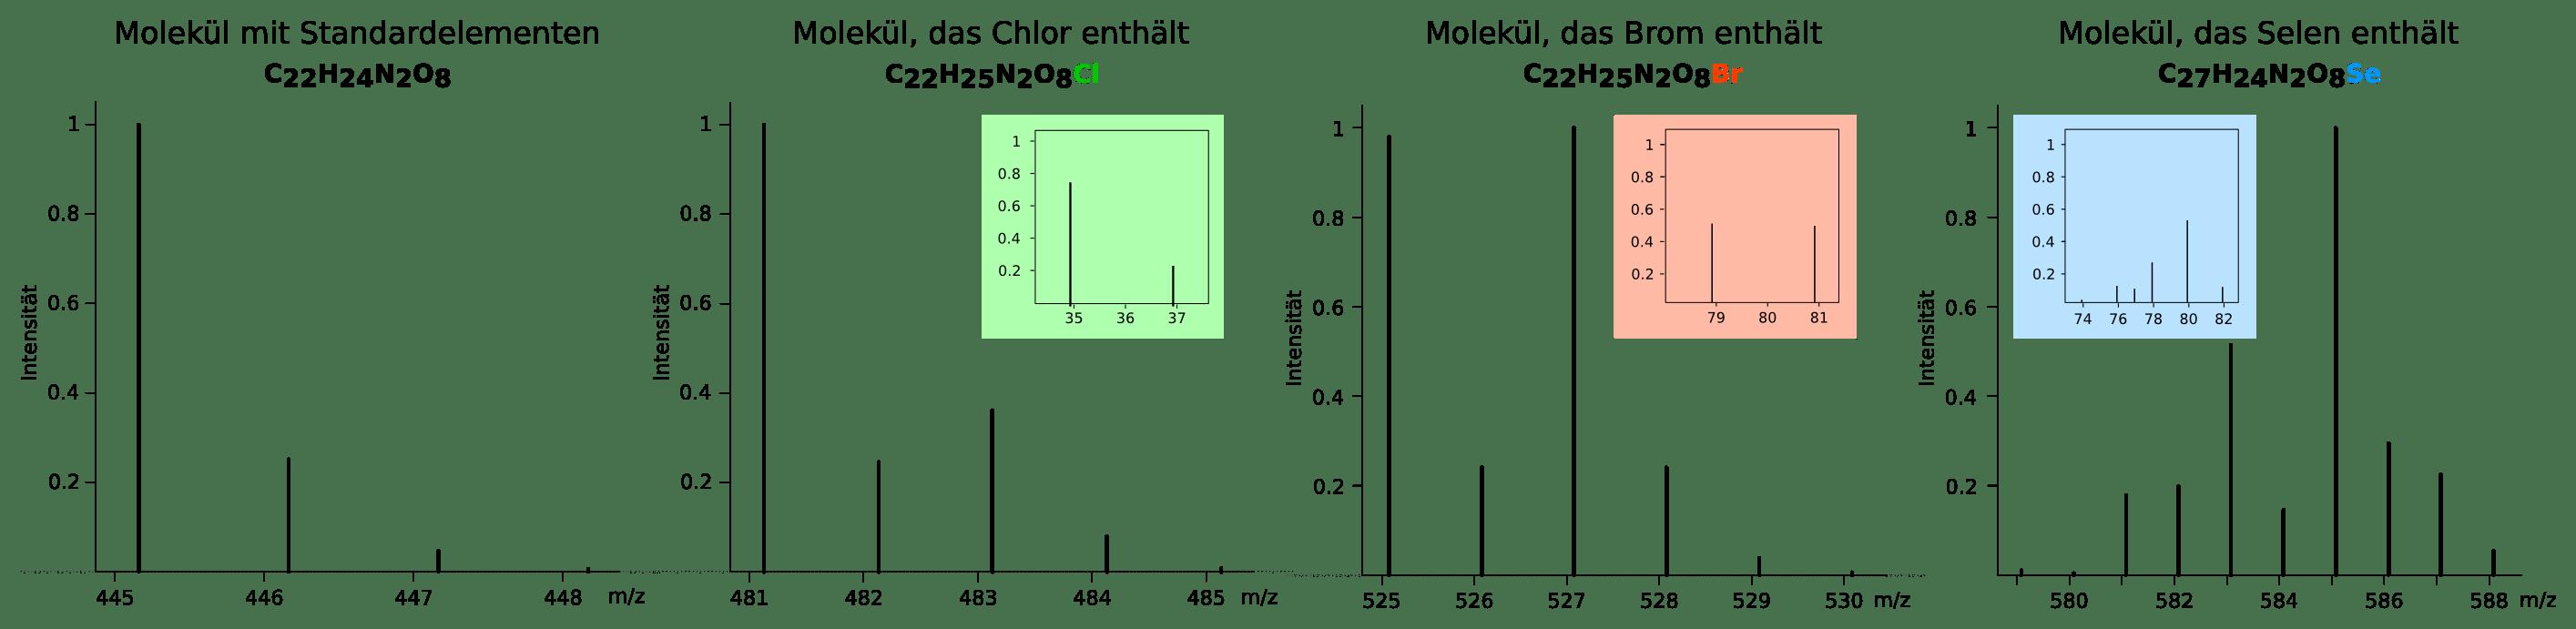 Elemente wie Chlor, Brom und Selenium haben charakteristische Isotopenmuster, die sich im Isotopenmuster des Moleküls widerspiegeln.